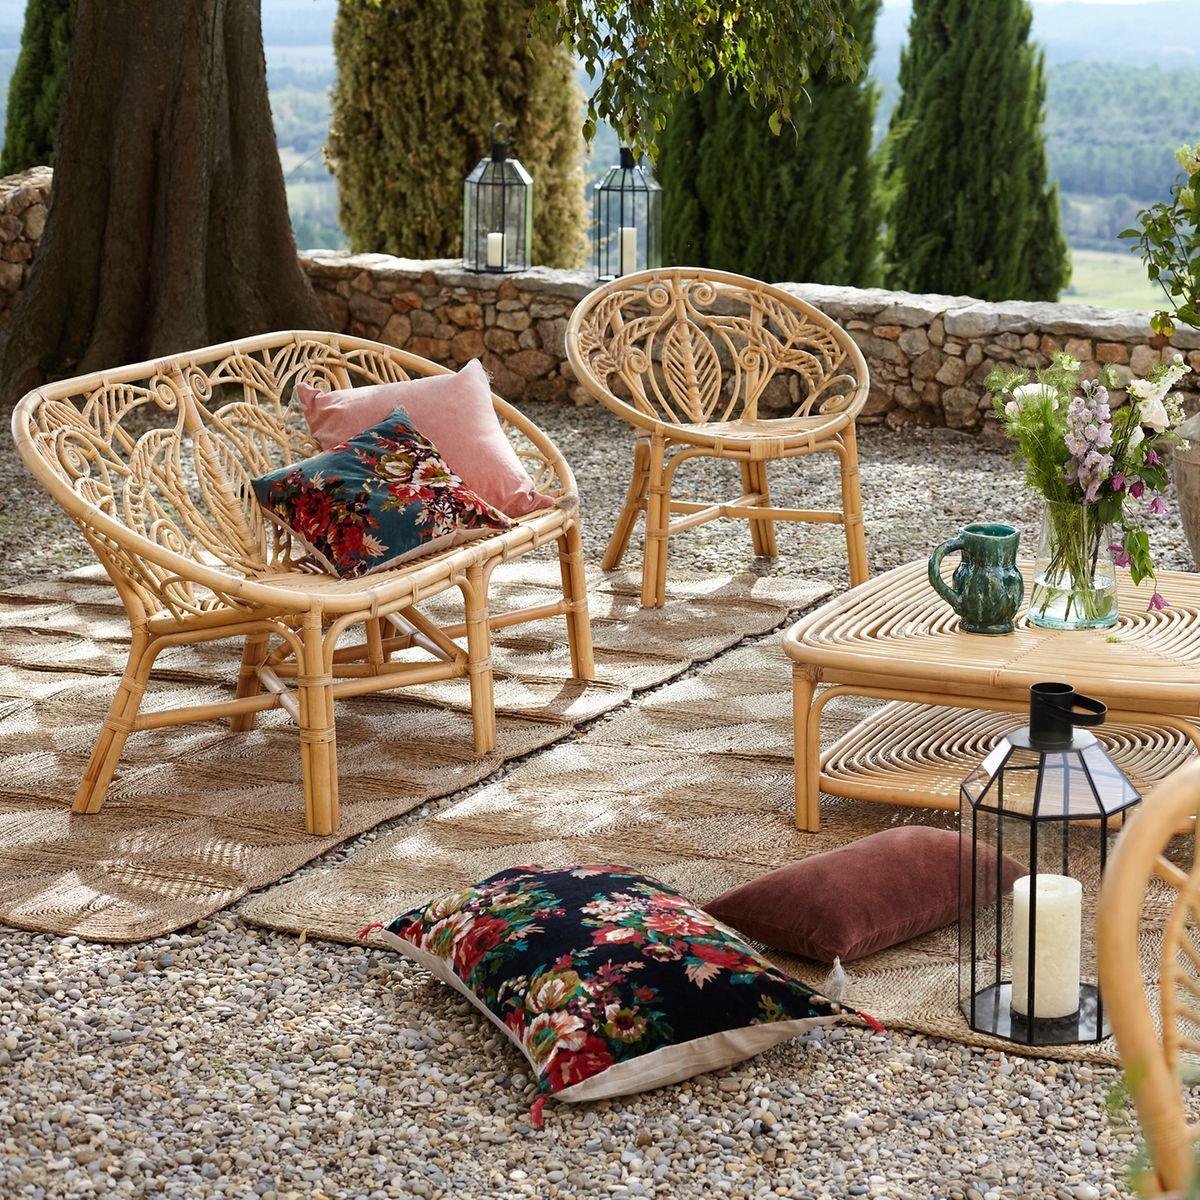 Les Nouveautés Jardin Chez La Redoute Et Am.pm | Chaise ... concernant Salon De Jardin En Osier